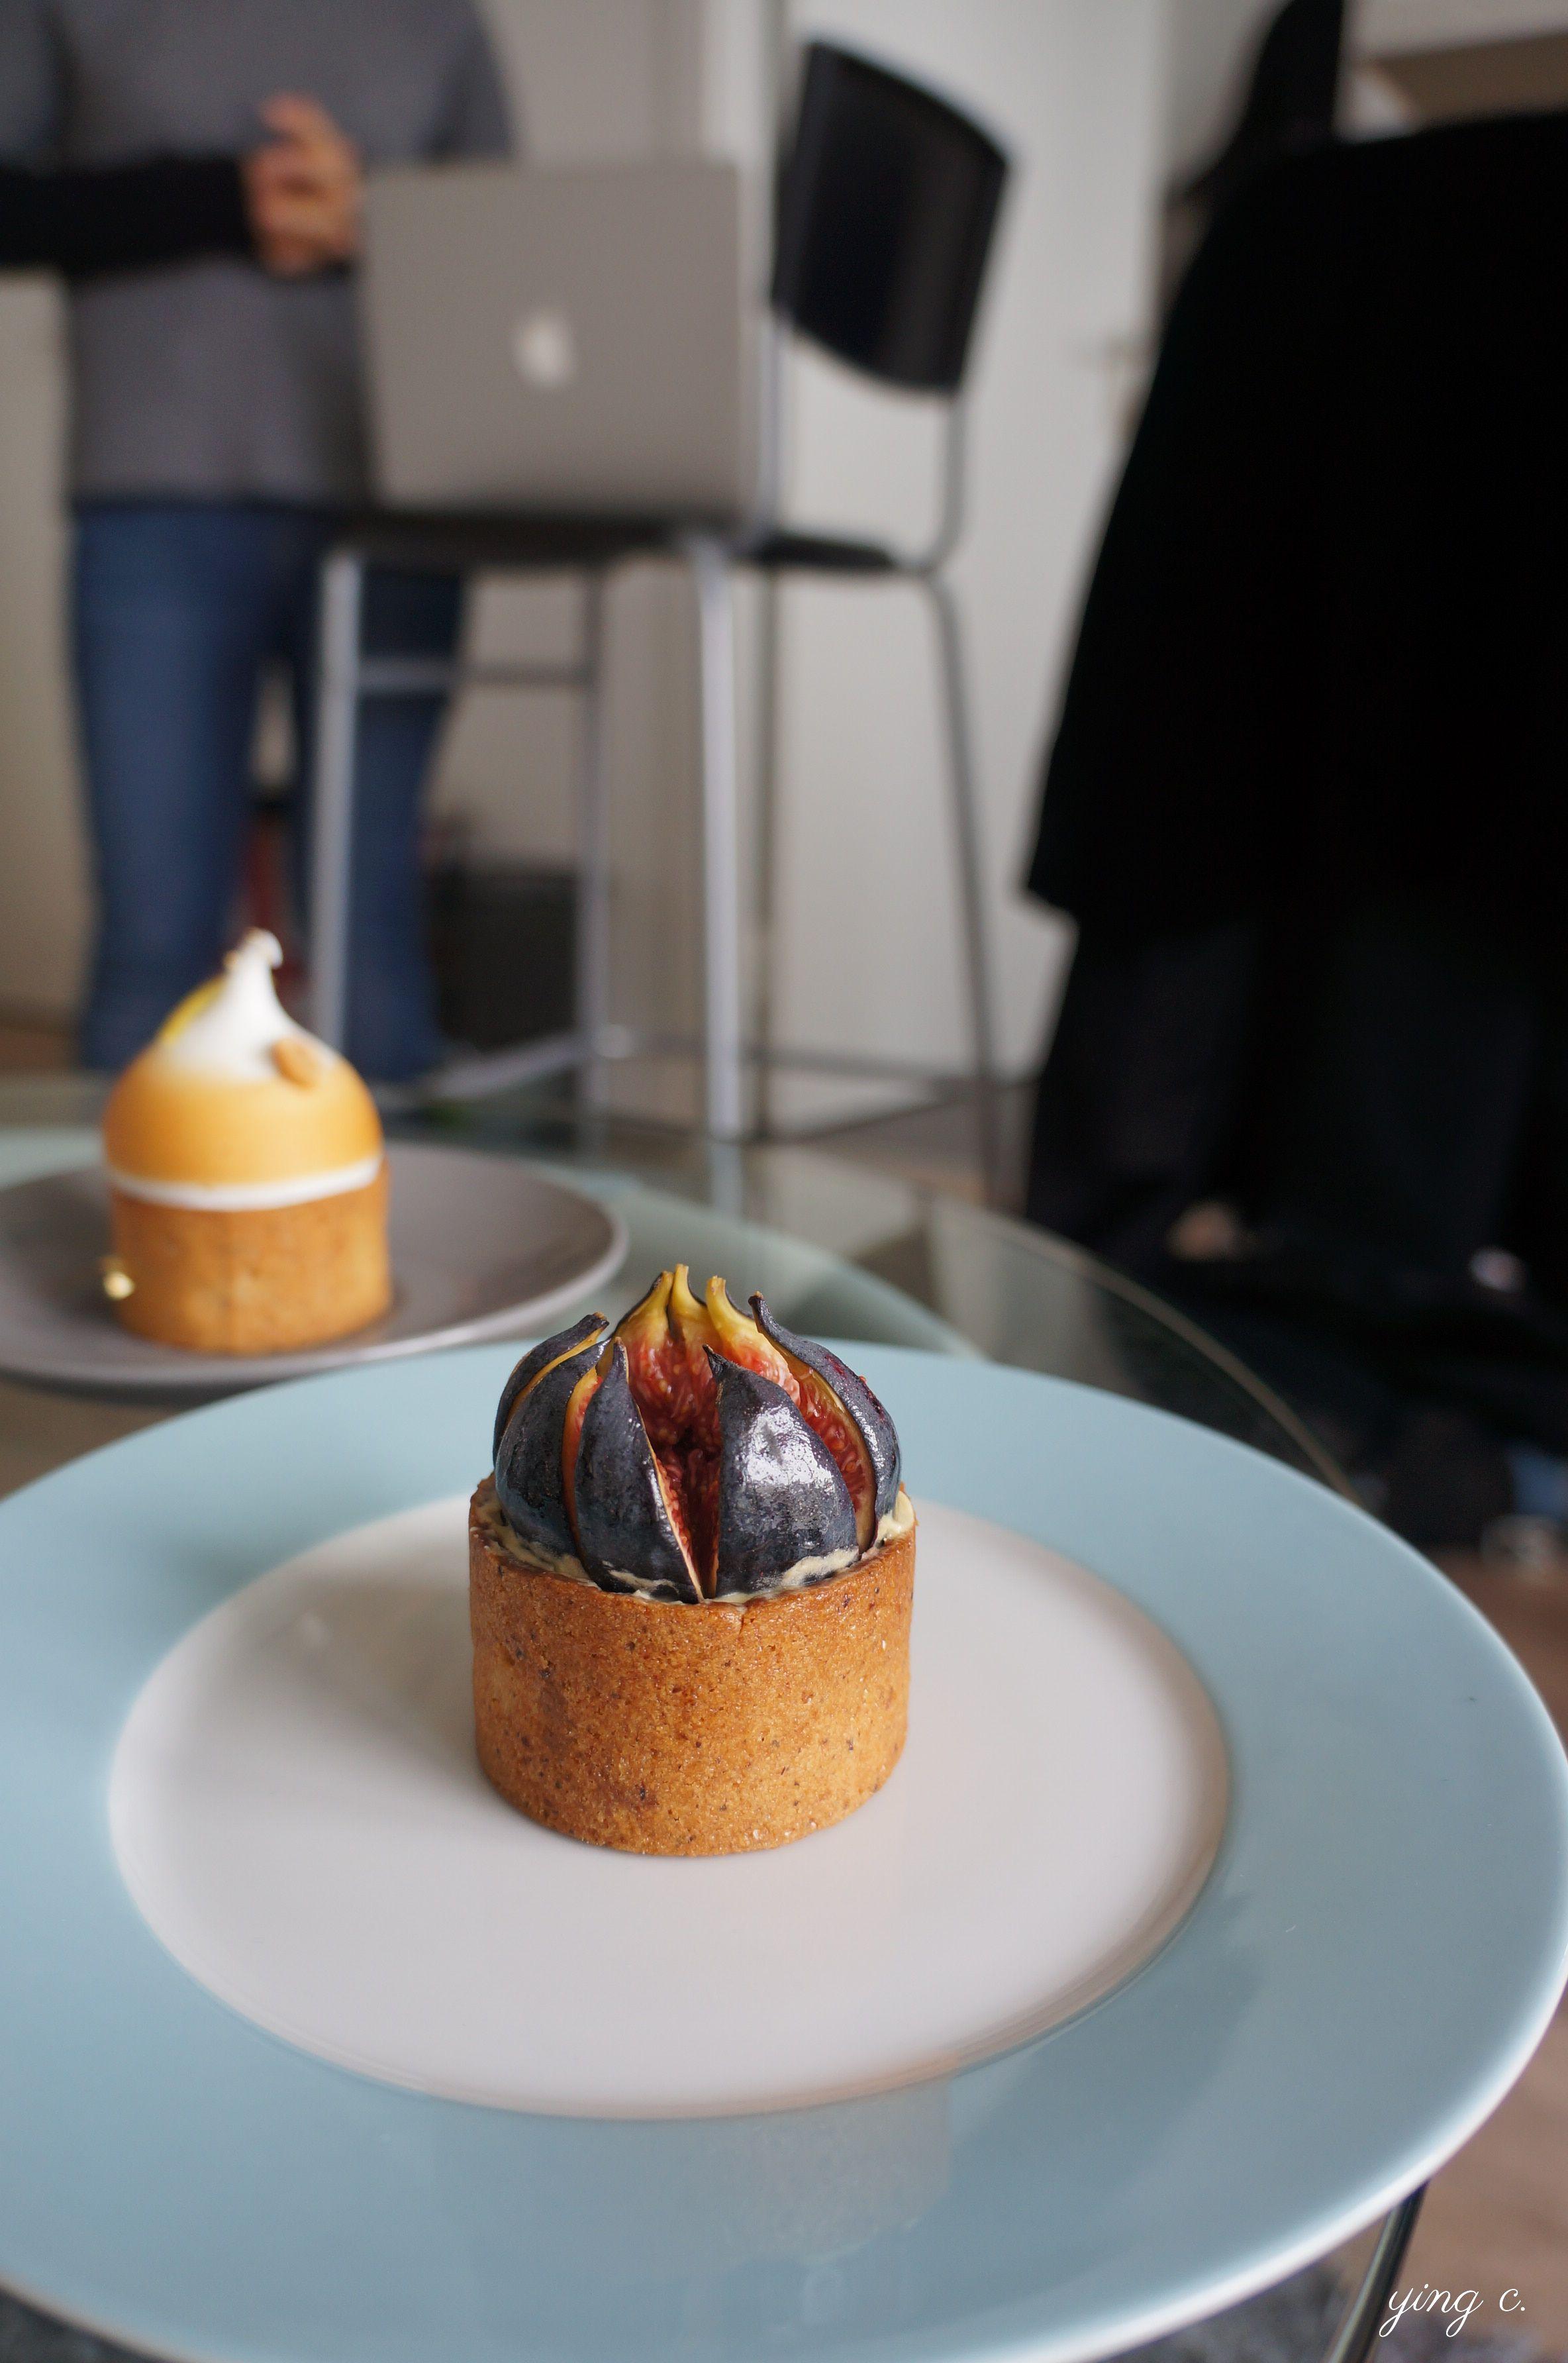 Karamel的無花果塔。焦糖這個元素是以打成碎粉後加入塔皮麵團中的形式出現。塔頂的無花果排列方式與一般無花果塔相反,是以整粒無花果切片後,果實向內排列形成花朵狀(可與 上篇 的Gâteaux d'émotions無花果塔做比較)。另外特別的是,這個無花果塔與MOF果醬專家Stephan Perrot合作,使用了他的無花果紫羅蘭果醬。